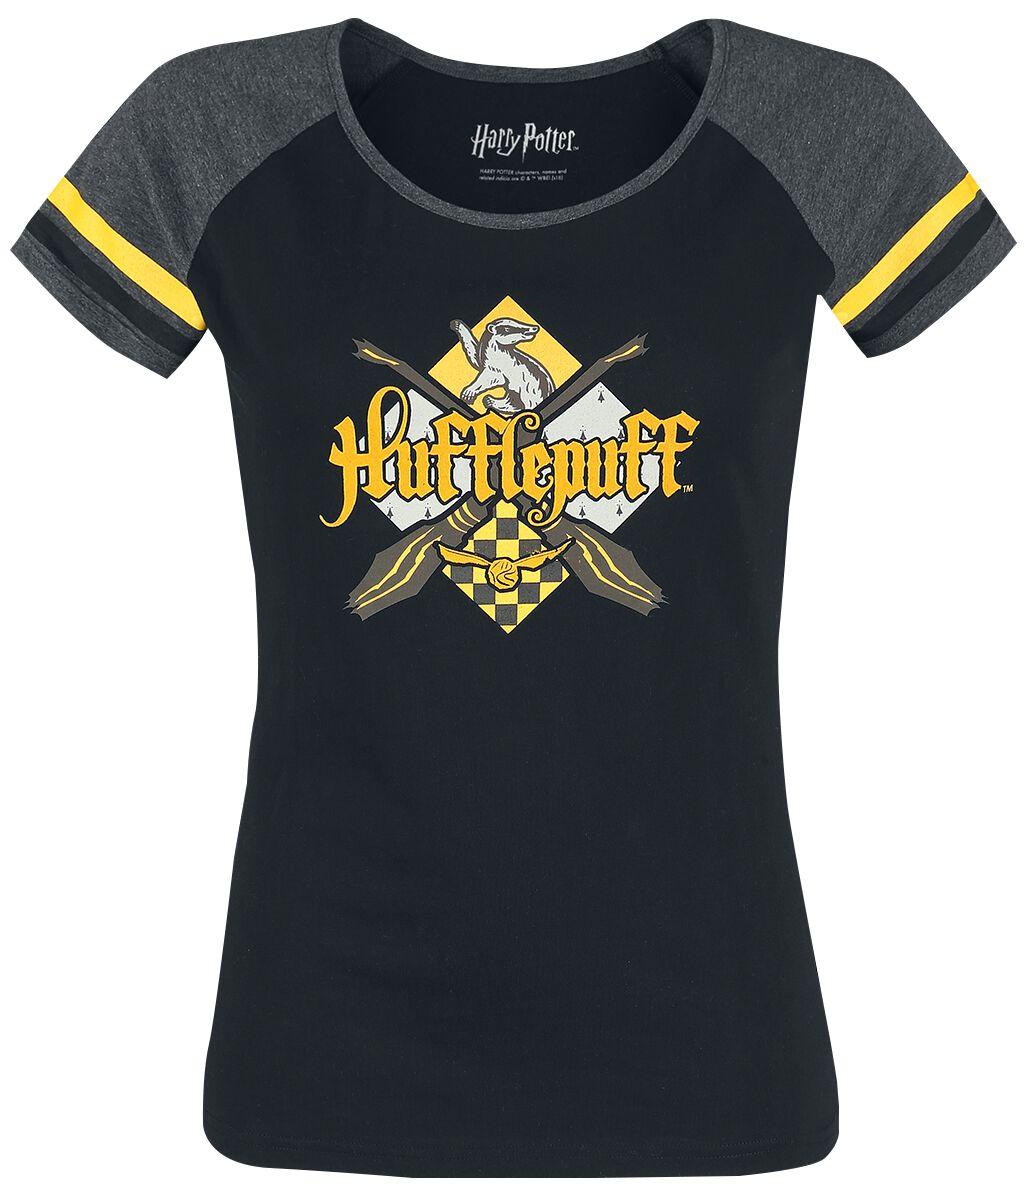 Harry Potter Hufflepuff Koszulka damska czarny/szary